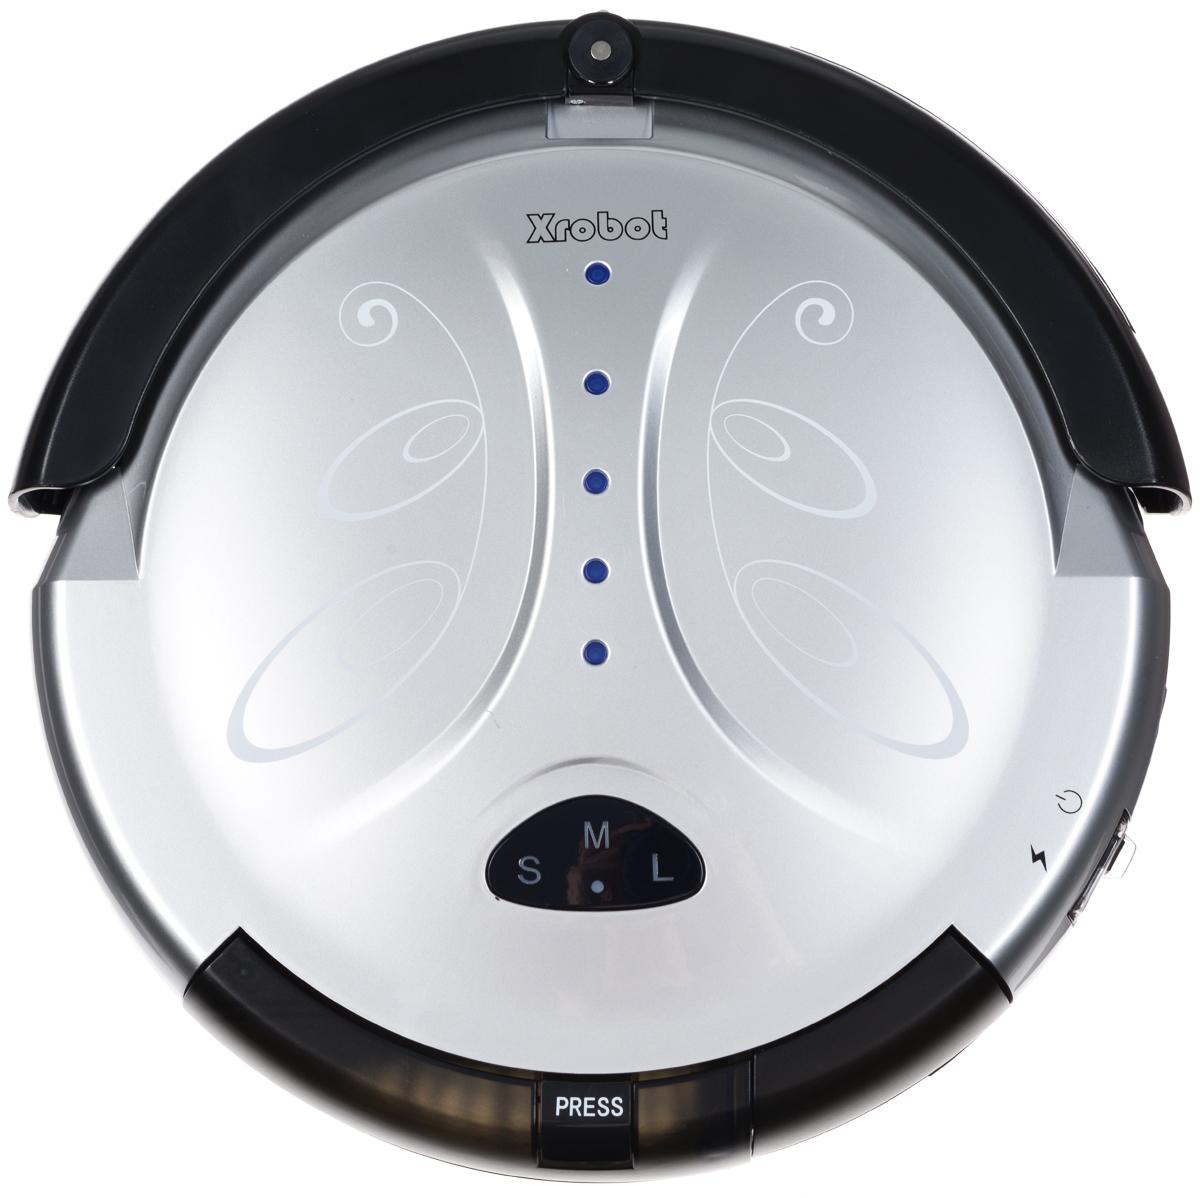 Xrobot A8, Silver Black робот-пылесосA8Пылесос Xrobot A8 представляет собой интеллектуальный, высокотехнологичный, полностью автоматическийприбор, который в основном применяется в домашних условиях, в отелях и небольших офисах для чисткиразличных ковров с коротким ворсом, деревянных полов, керамической плитки и т. д.Интеллектуальная функция: автоматическая уборка комнат, отсутствие ручного контроля во время всегопроцесса чистки.Автоматическая зарядка: когда батарея разряжается, робот-пылесос автоматически ищет базу длязарядки и осуществляет зарядку. Ручная зарядка: робот-пылесос можно также заряжать вручную с помощью зарядного устройства.Автоматическая чистка: после установки этой функции робот-пылесос автоматически продолжит работу послеполной зарядки.Функция защиты от падения: в нормальных условиях работы предотвращает падение робота-пылесоса со столаили лестницыФункция отложенного старта чистки позволяет выполнить зарядку в течение 4-5 часов и начать работу взаданное время.Ограничитель перемещения позволяет роботу-пылесосу заходить лишь в предназначенные для уборкипомещения.Боковая щетка установлена с правой стороны устройства и позволяет легко выполнять чистку в углах или скраю комнаты.Ультратонкий корпус позволяет легко осуществить чистку в труднодоступных местах, под и вокруг мебели, вуглах и вдоль стен.Колеса изготовлены из мягкой резины и не повреждают паркетное покрытие или ковер.Батарейка пульта ДУ: тип D (не входит в комплект)Батарейки ограничителя: 2xAAA (не входят в комплект)Емкость аккумулятора: 1500/1700 мАчВремя первой зарядки: 12 чВремя обычной зарядки: 4-5 ч